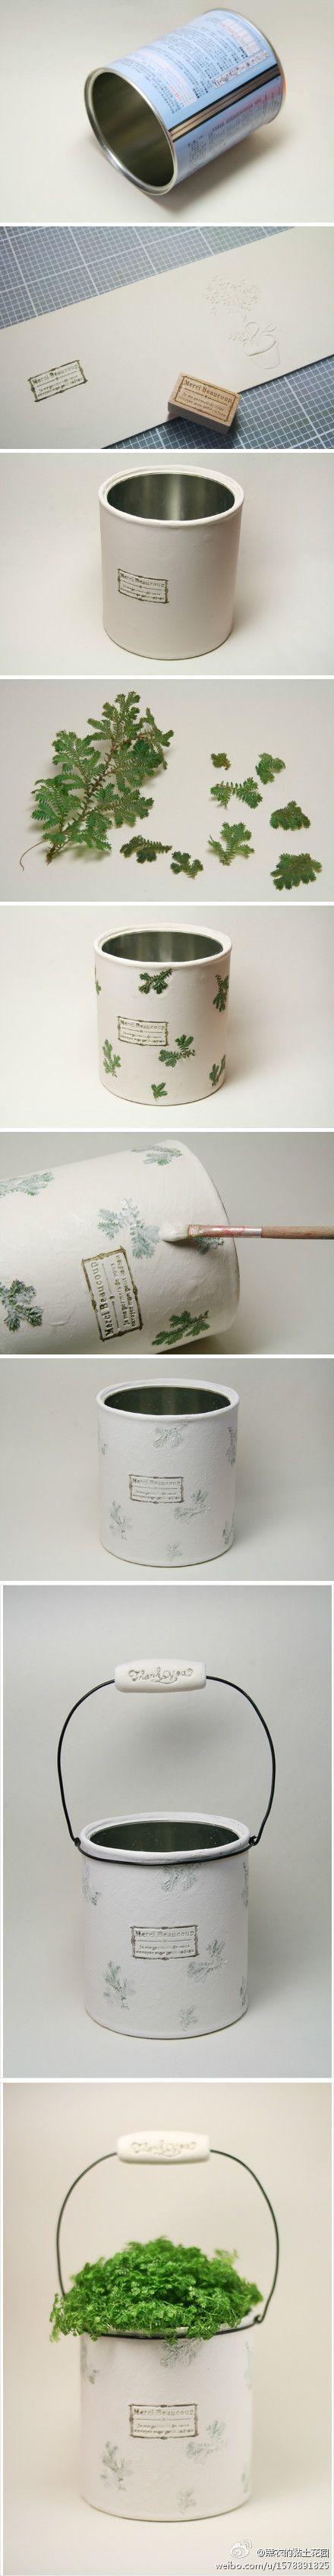 The best images about crear en casa on Pinterest Jean bag